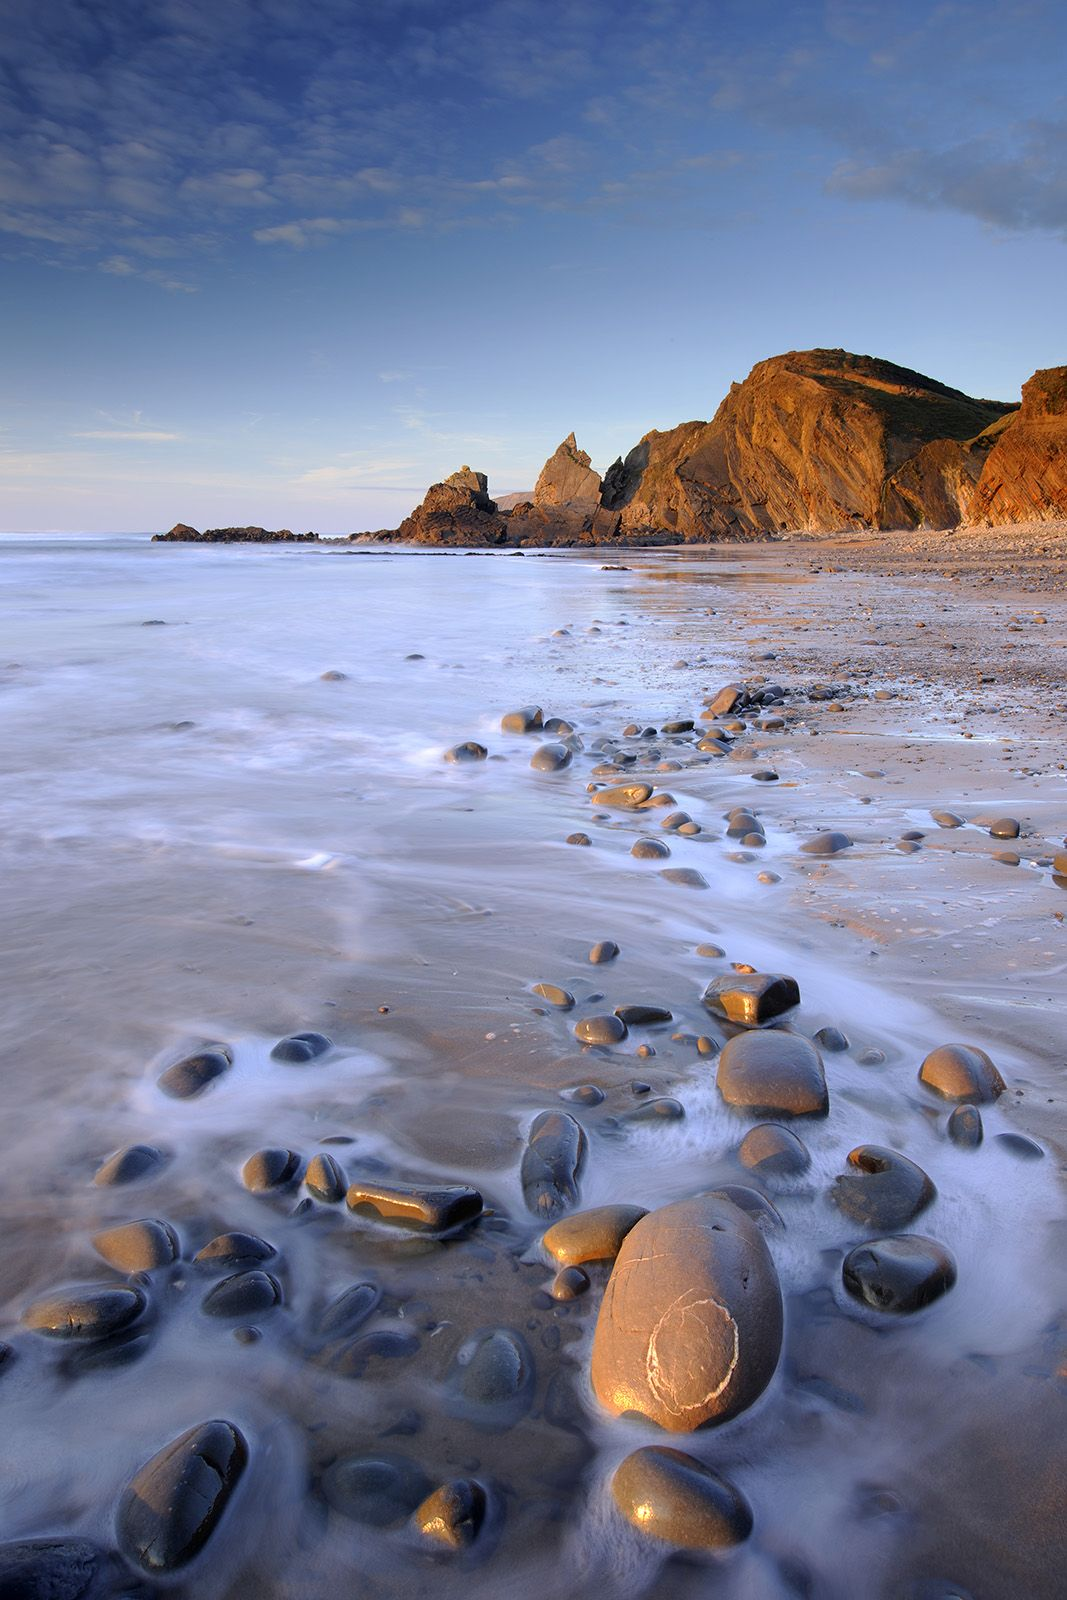 Sandymouth bay, north Cornwall, UK. January 09.